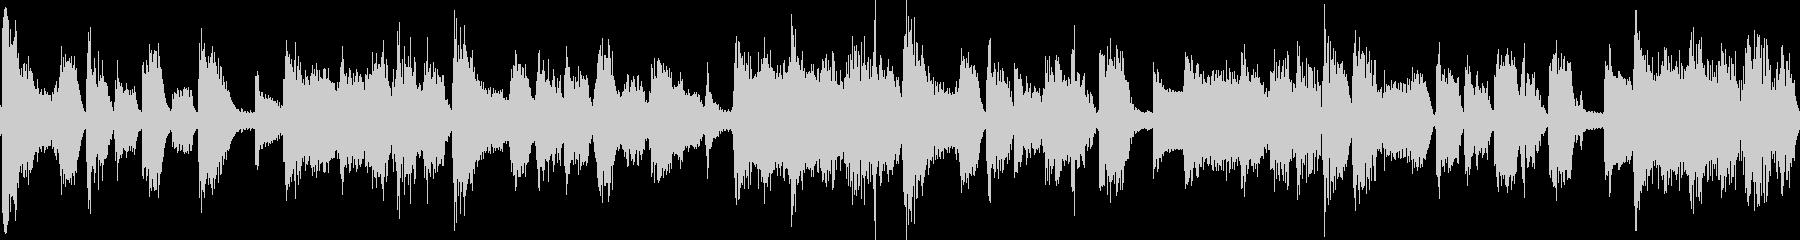 レトロな雰囲気のフュージョン_(ループ)の未再生の波形